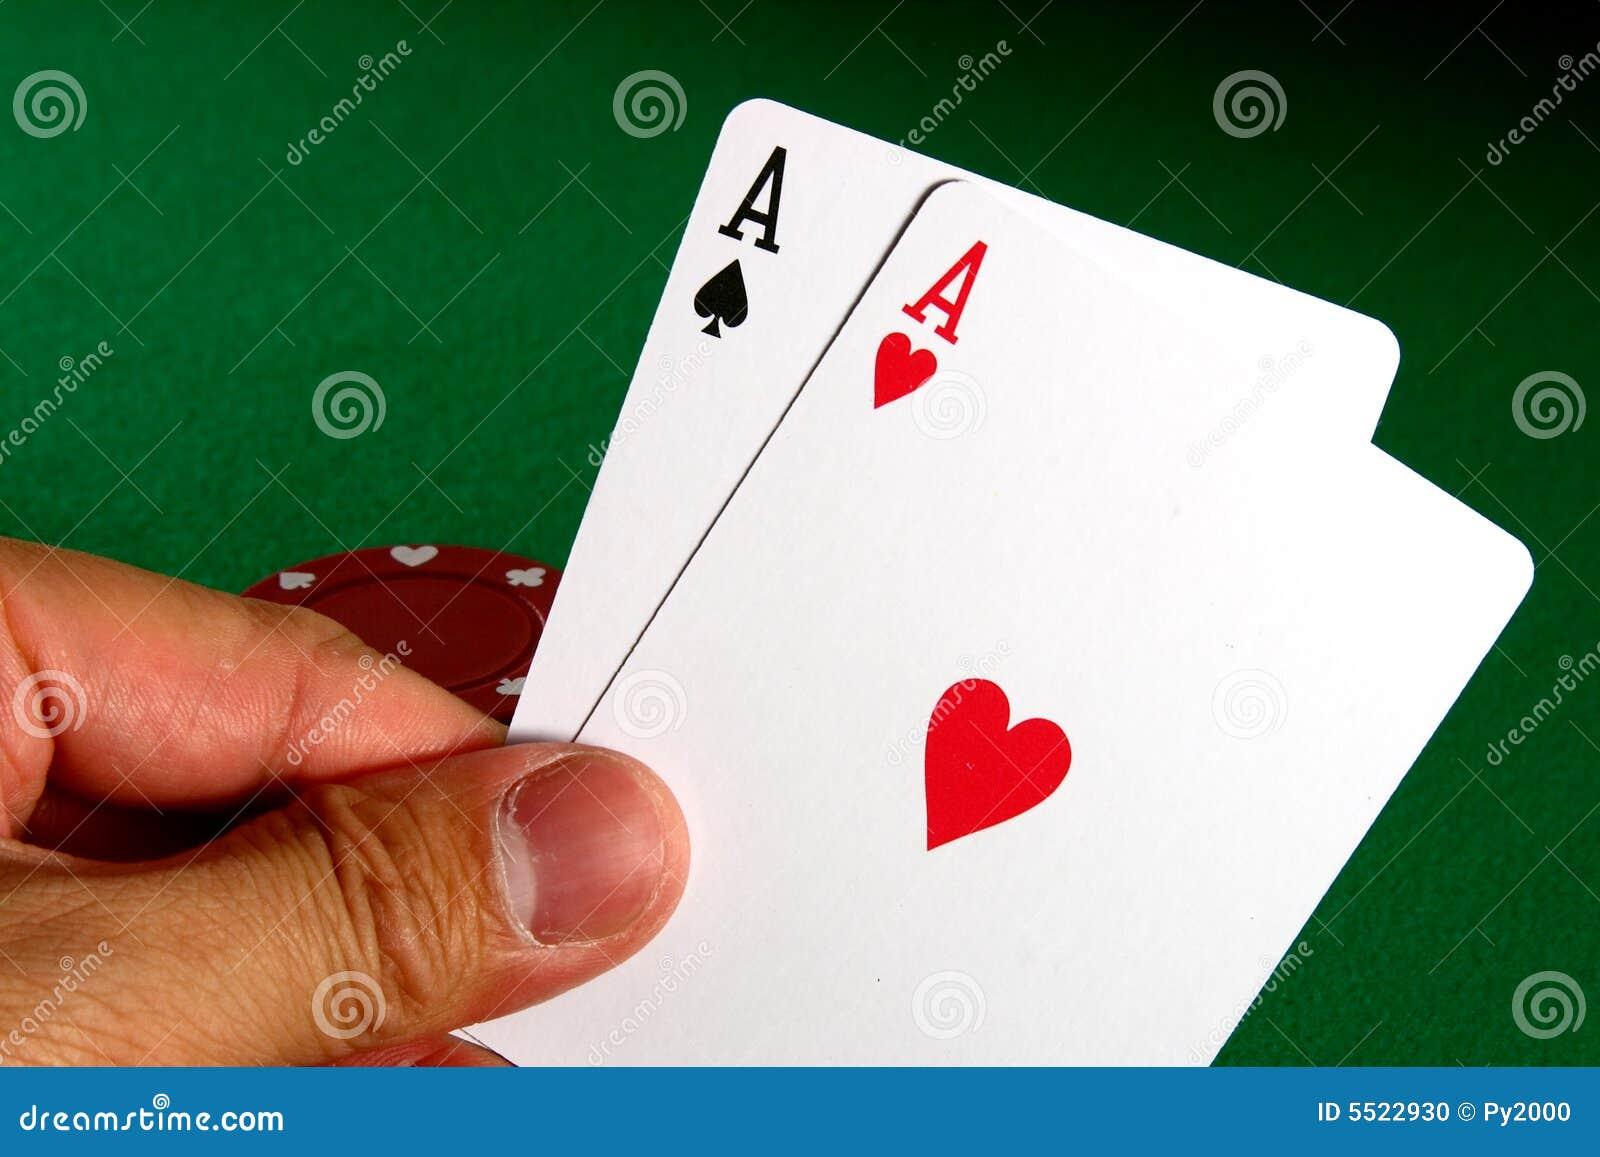 Göra ett ess på poker